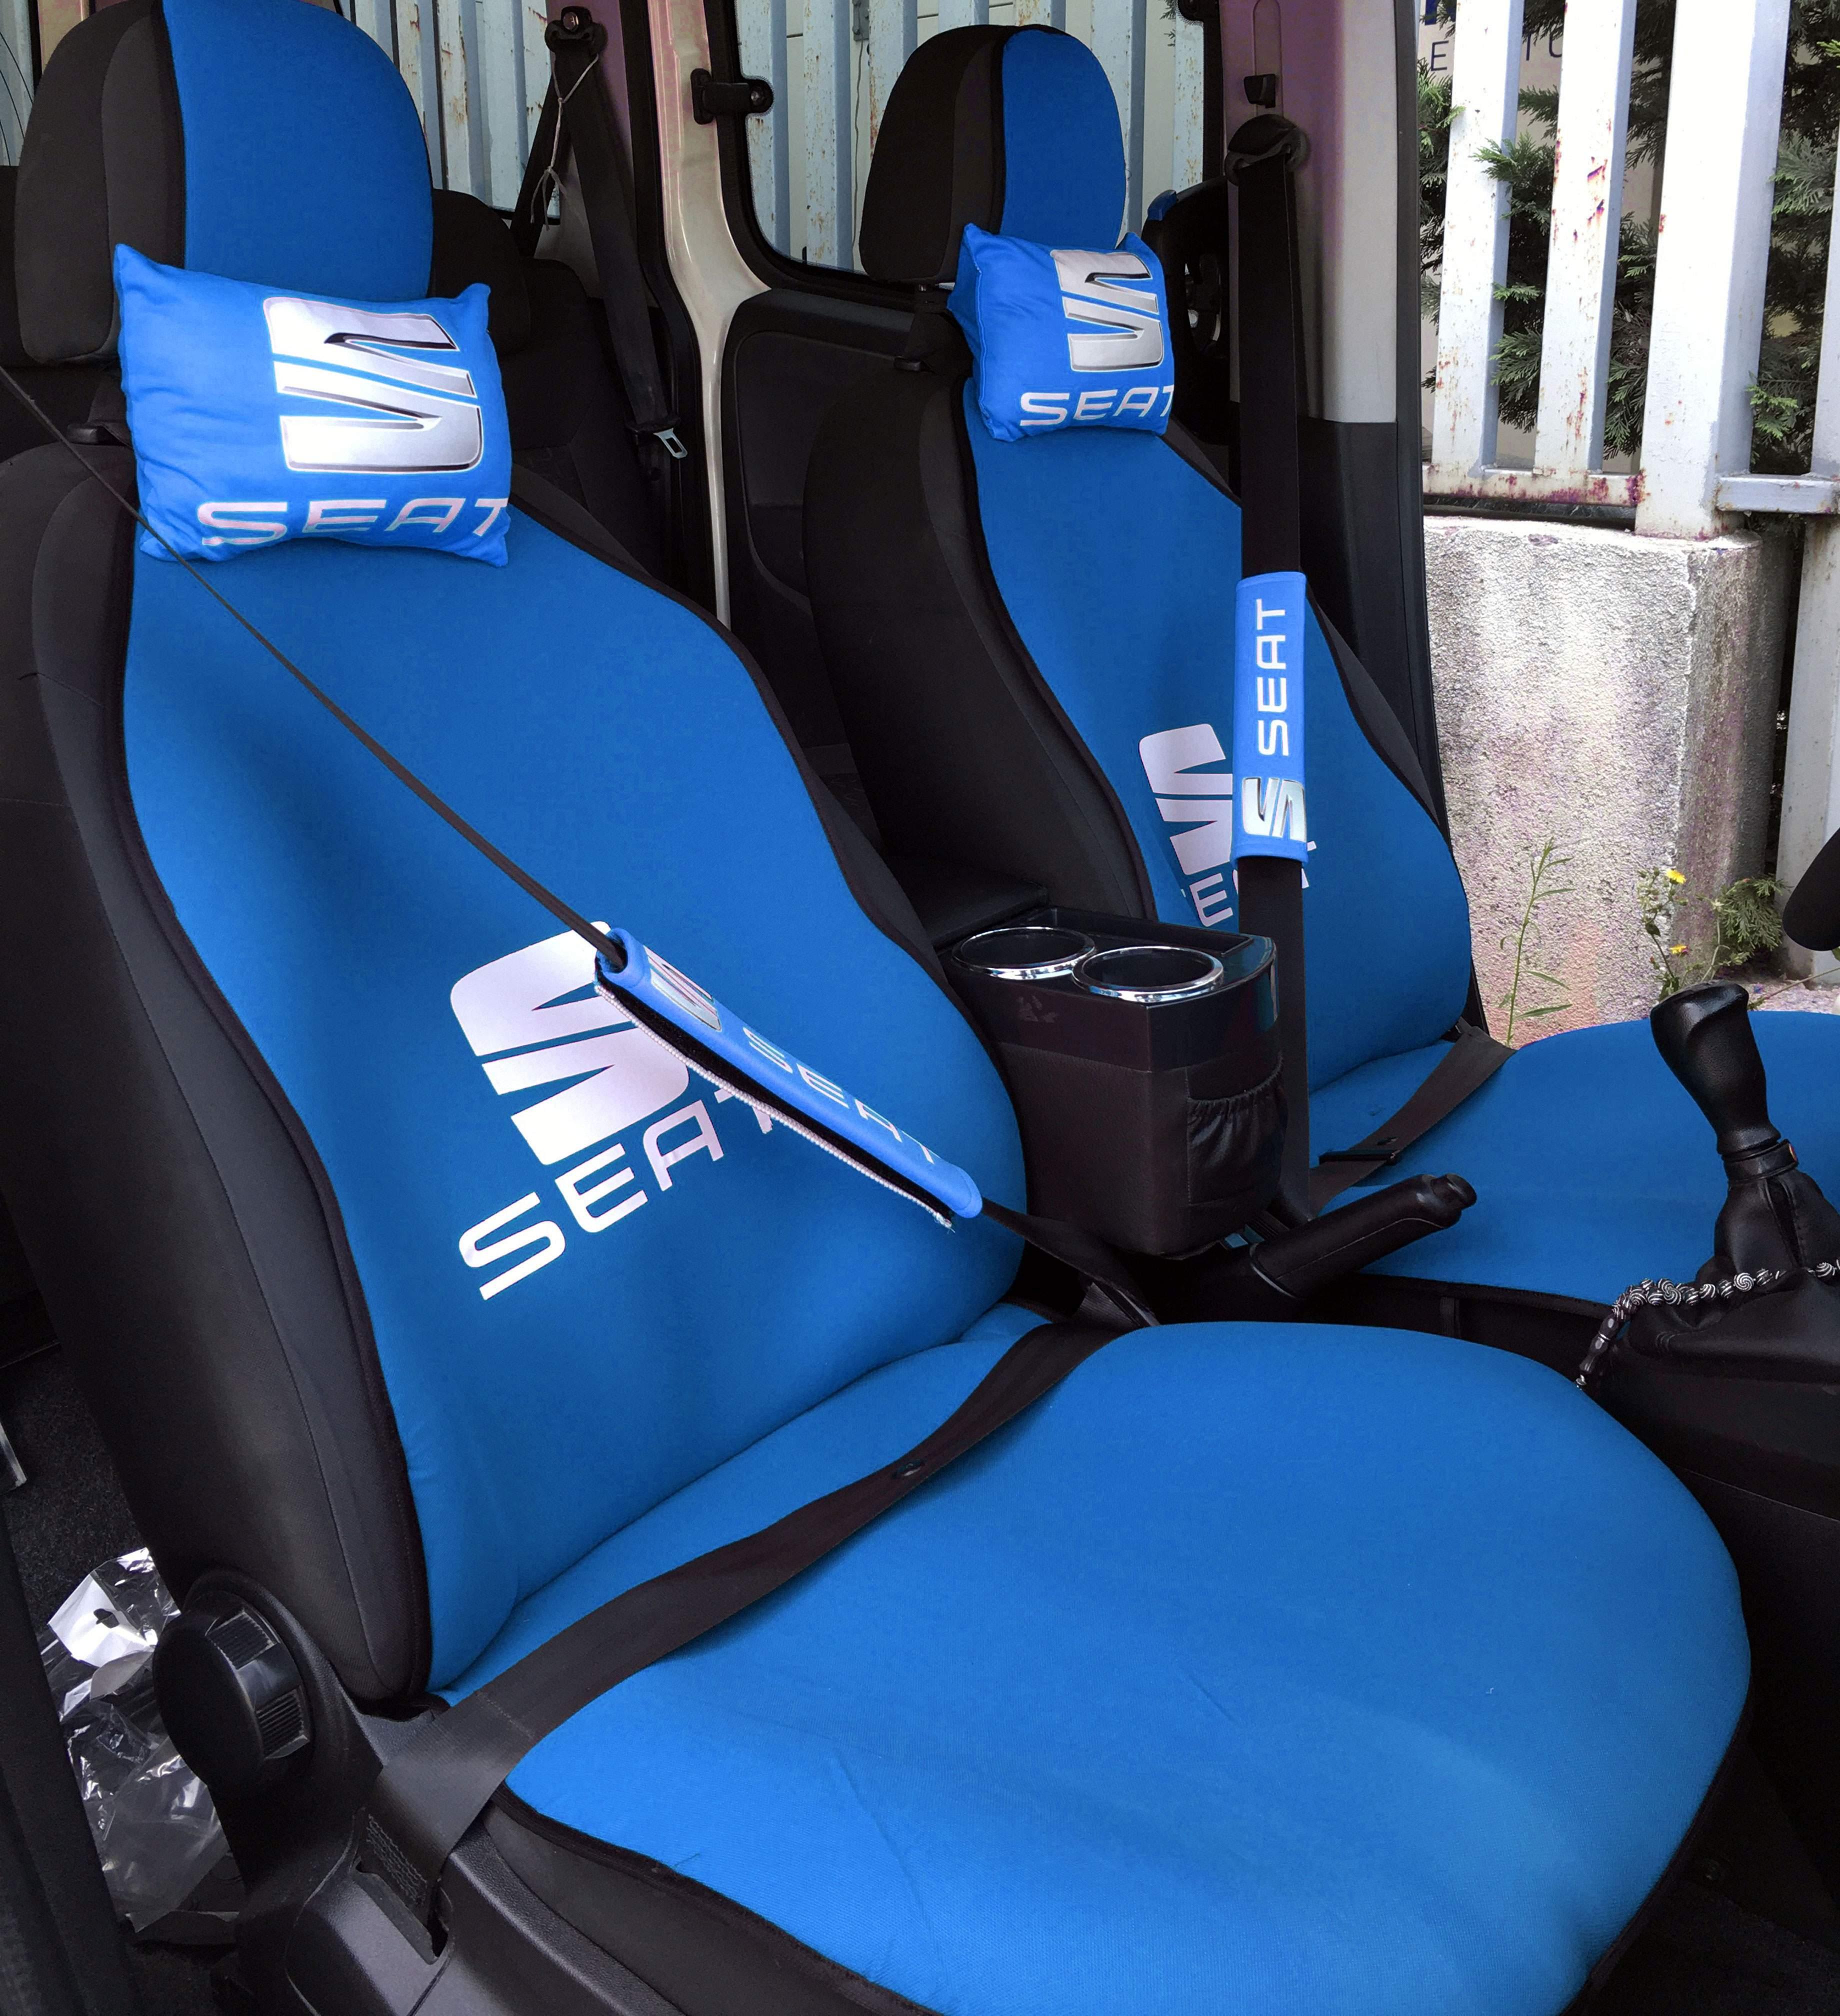 Seat Uyumlu Terletmez Oto Koltuk Minderi Ve Yastık Seti